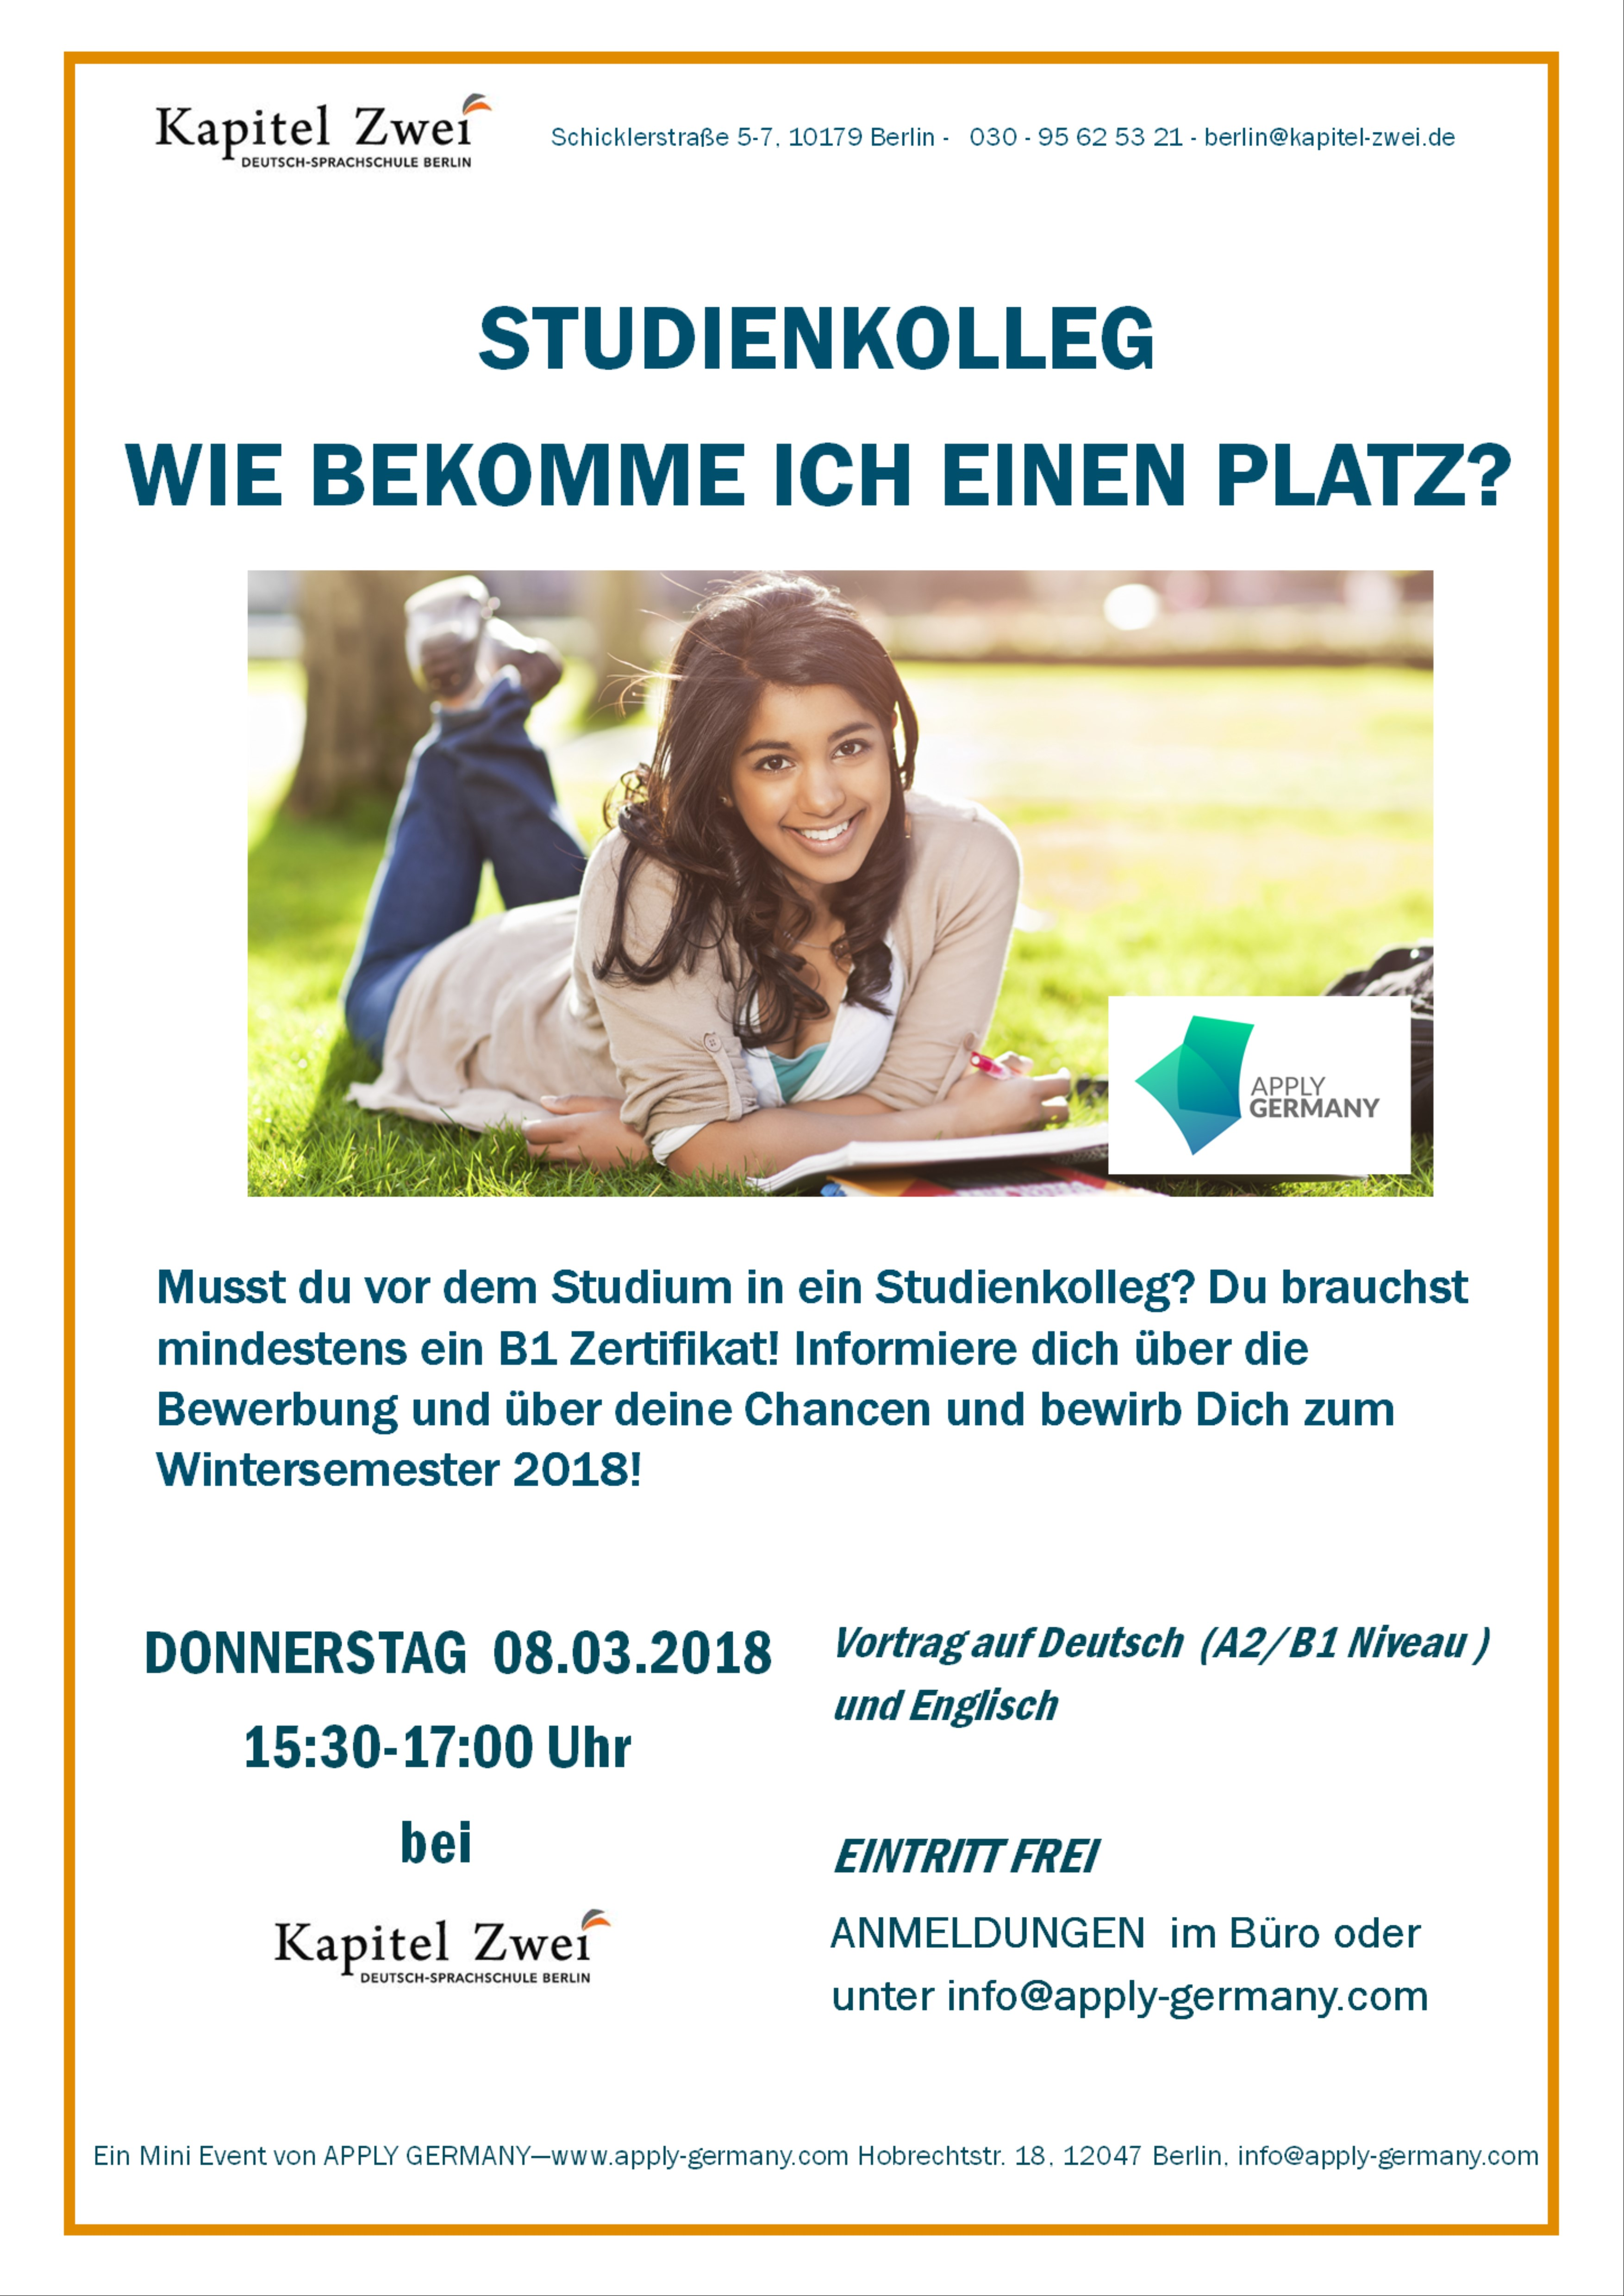 Studienkolleg Berlin Studieren Hilfe Kapitel Zwei Berlin